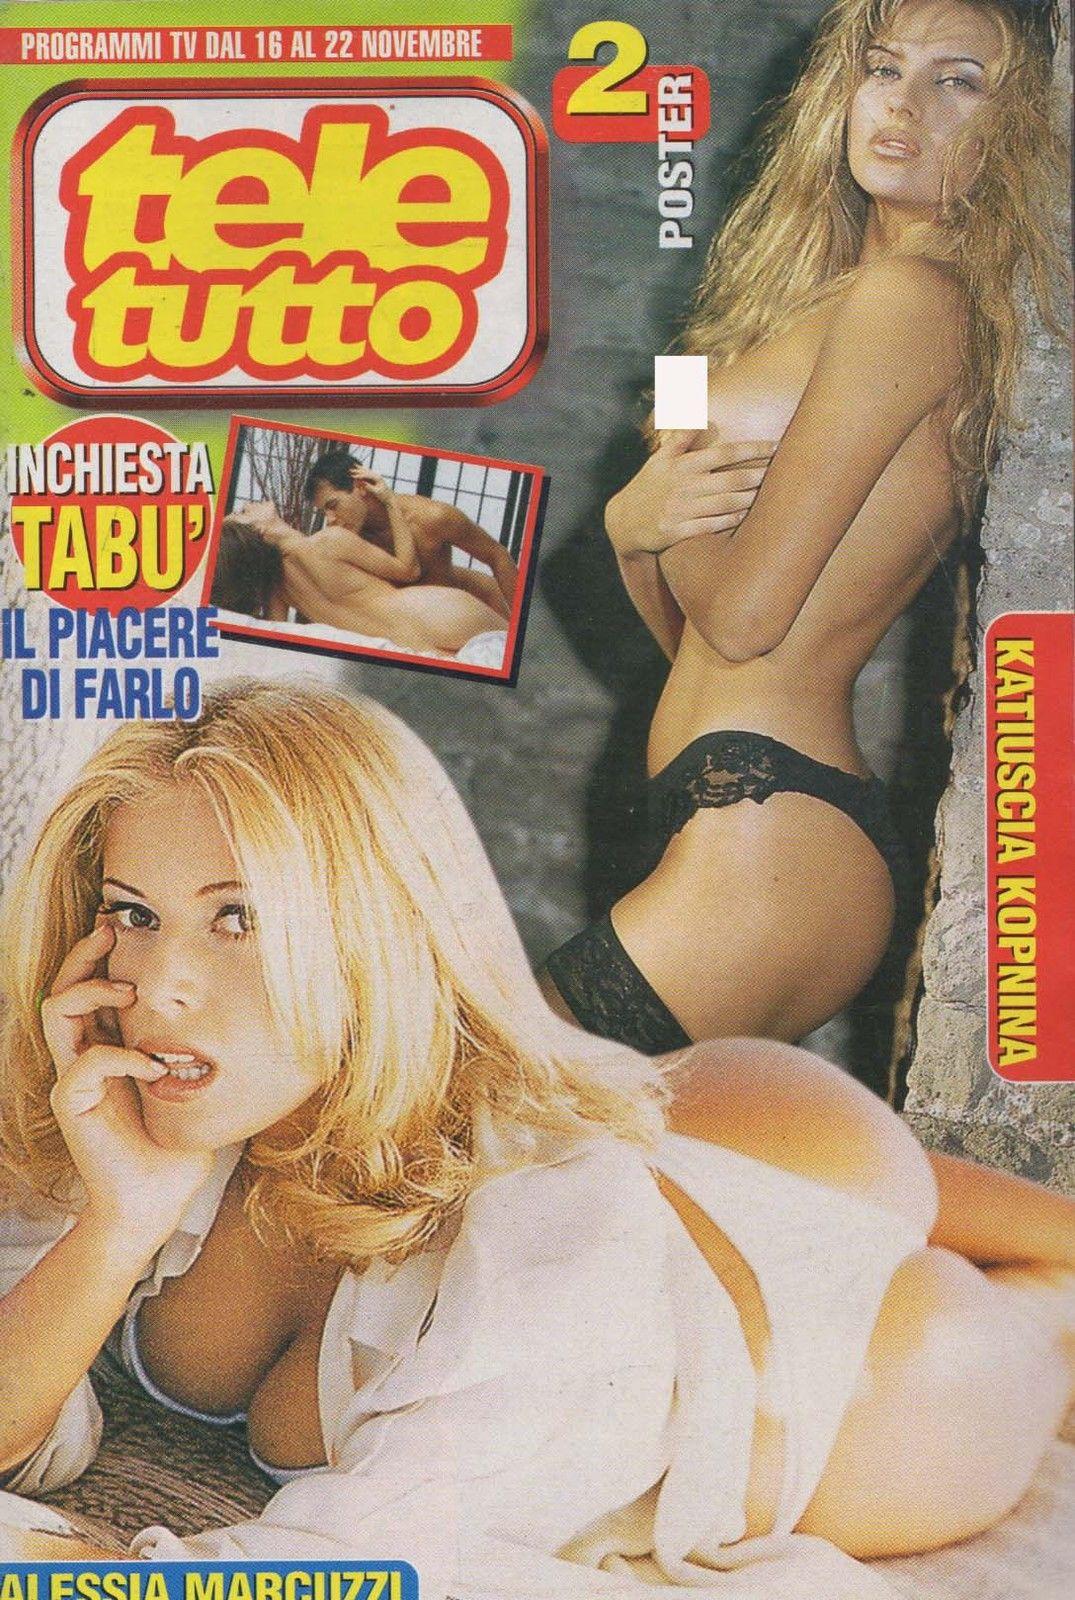 Екатерина Архарова (справа) на обложке итальянского Teletutto. 1997 год